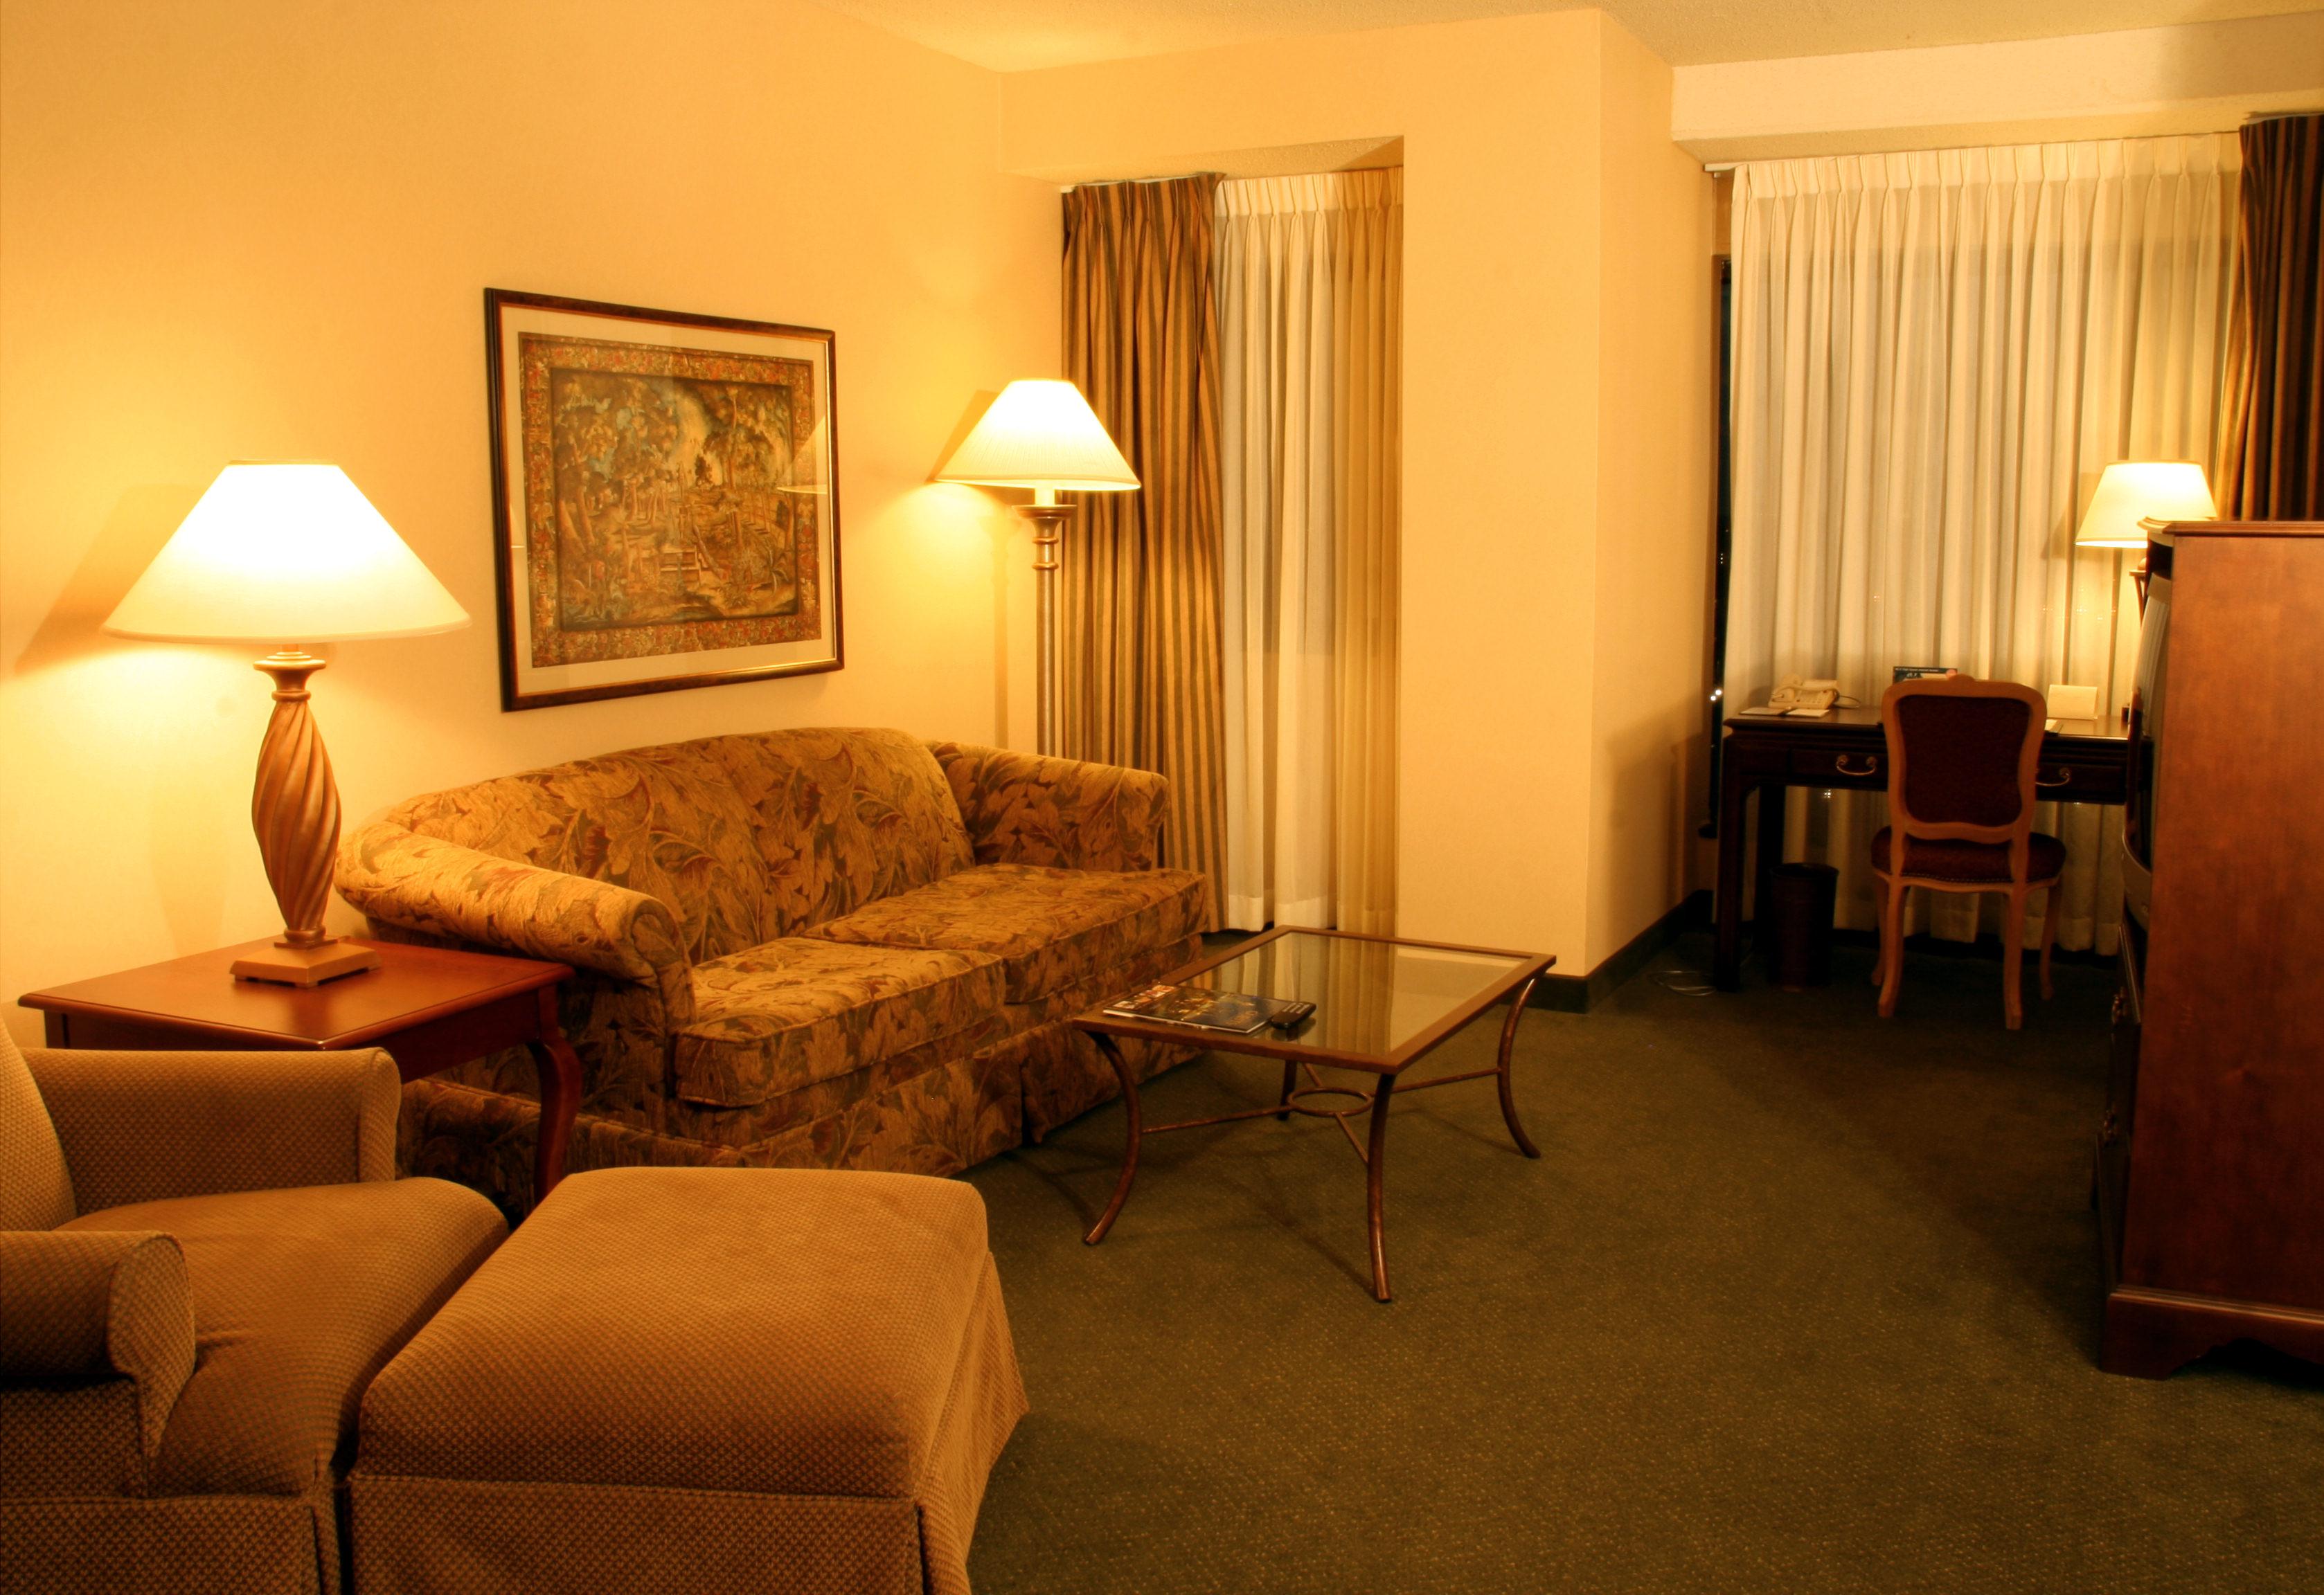 File:Hotel-suite-living-room.jpg